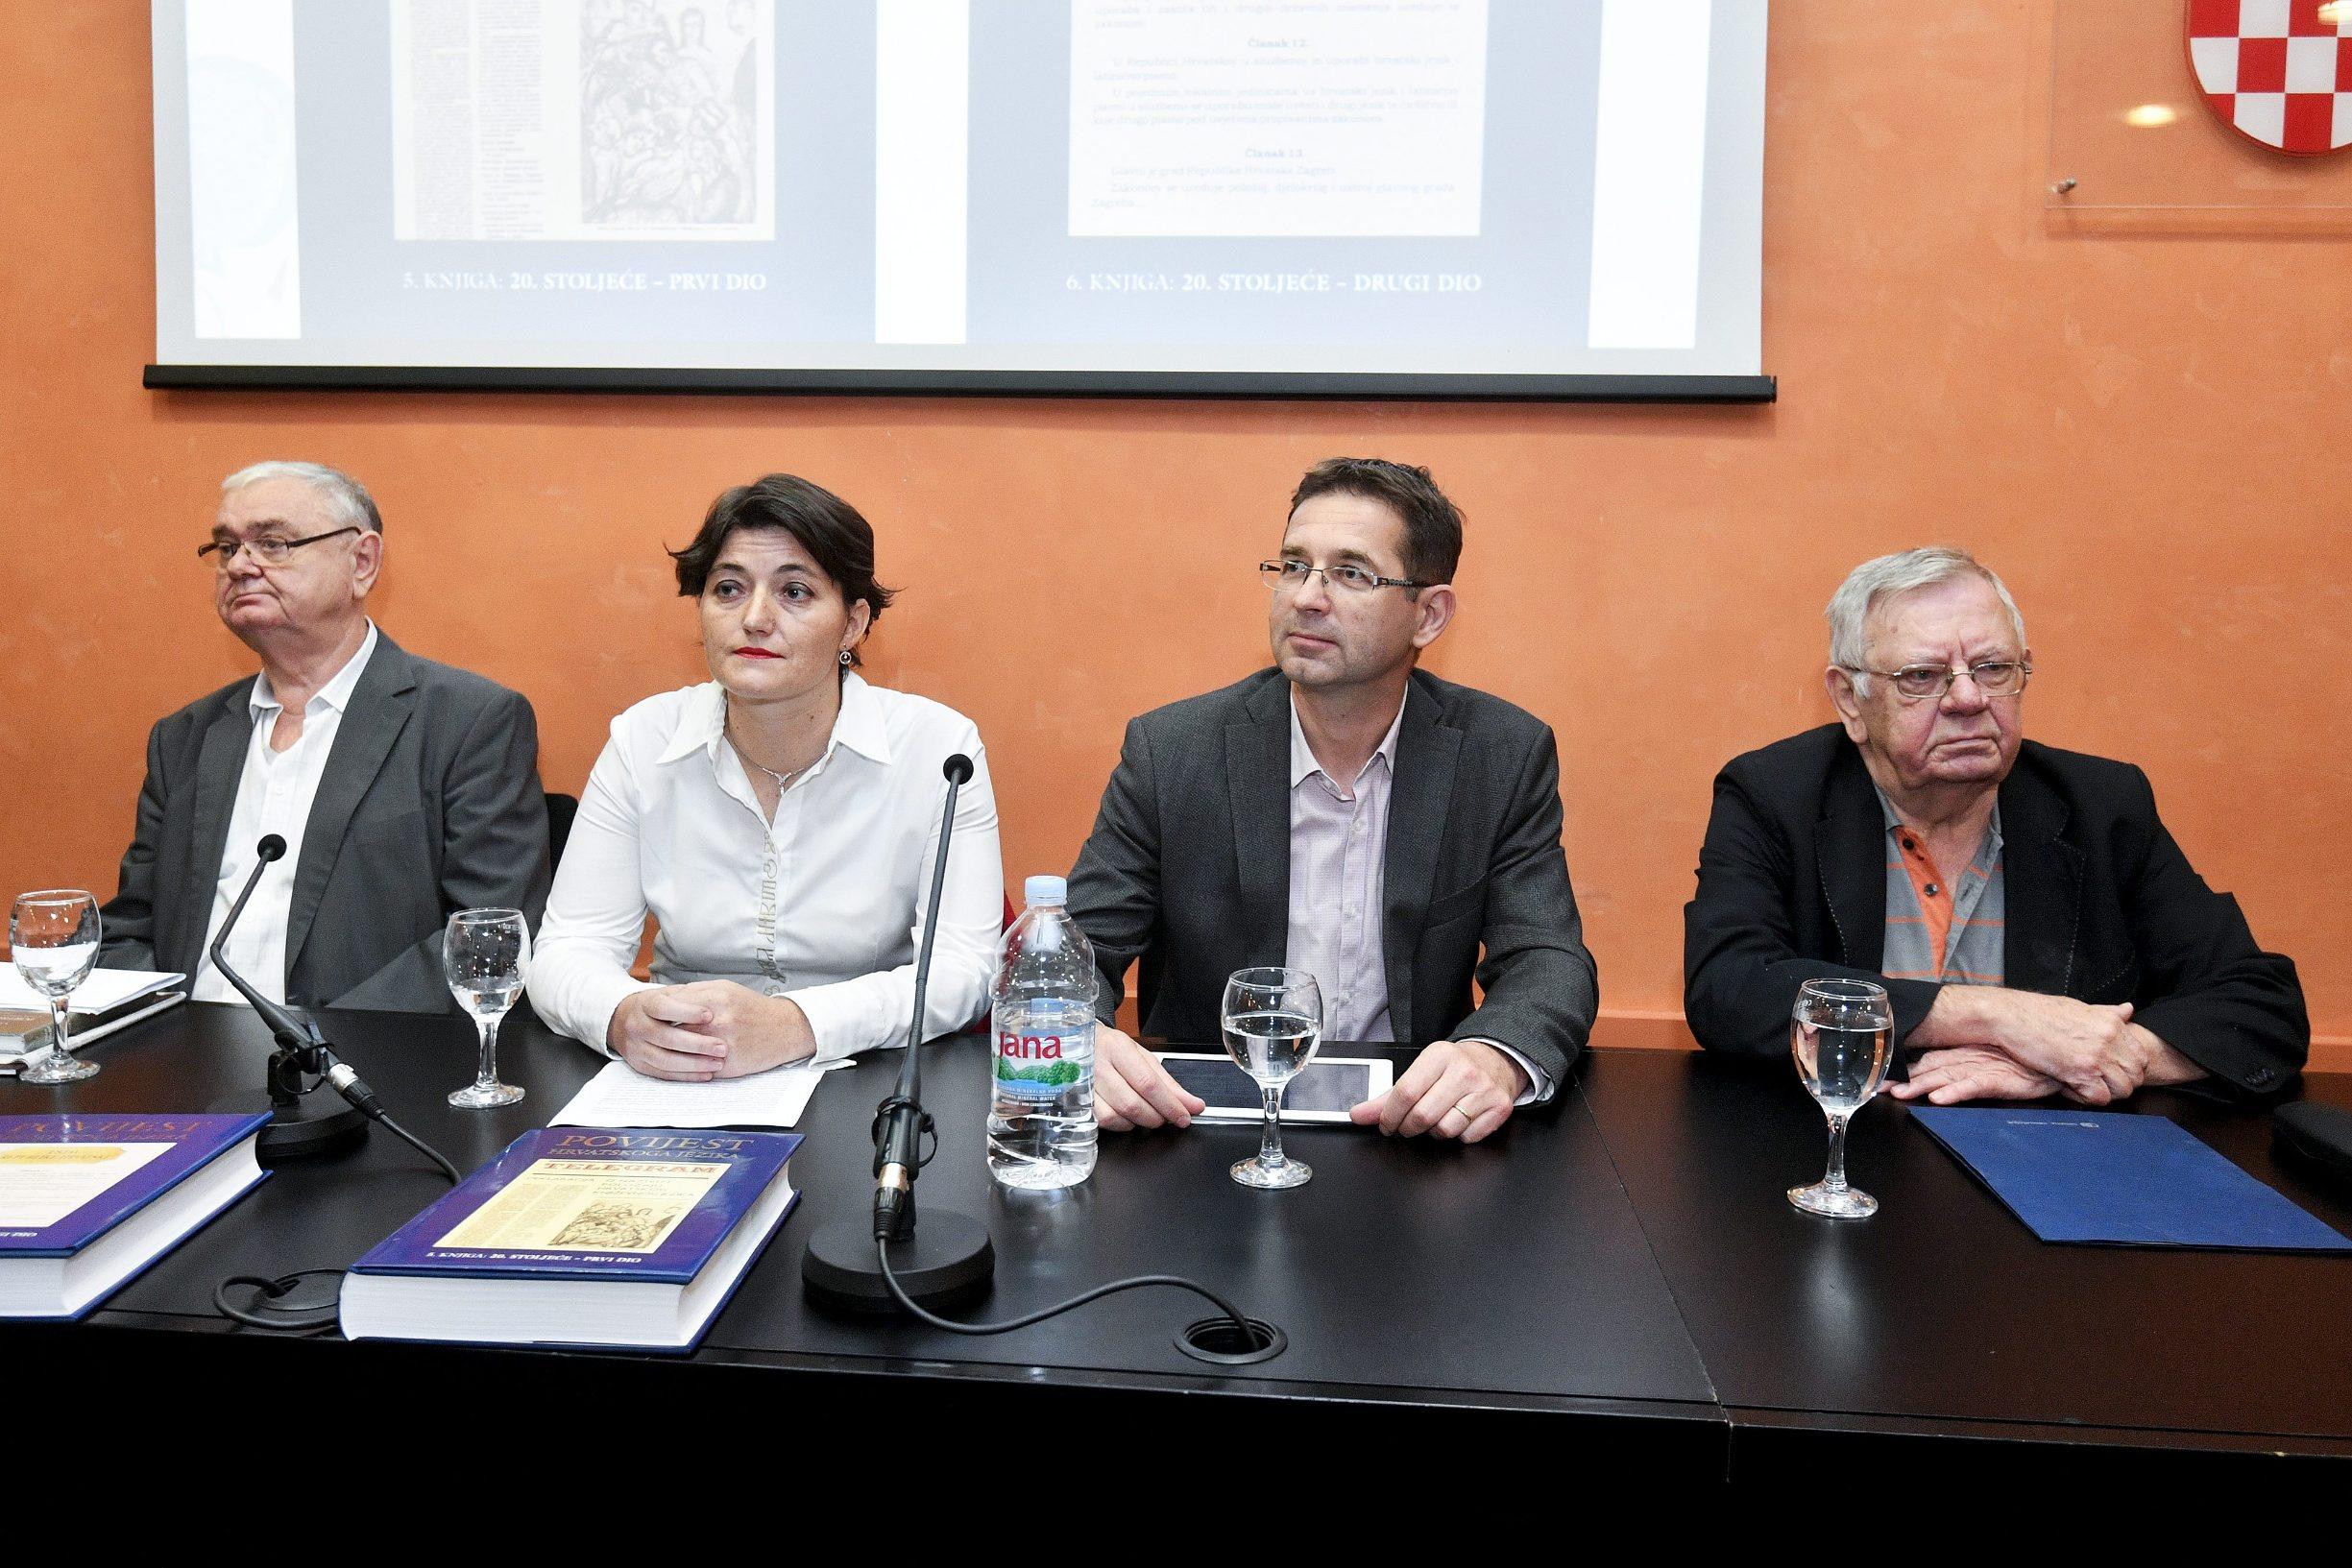 Stjepan Damjanović, Ivana Matas Ivanković, Željko Jozić i Ivo Pranjković